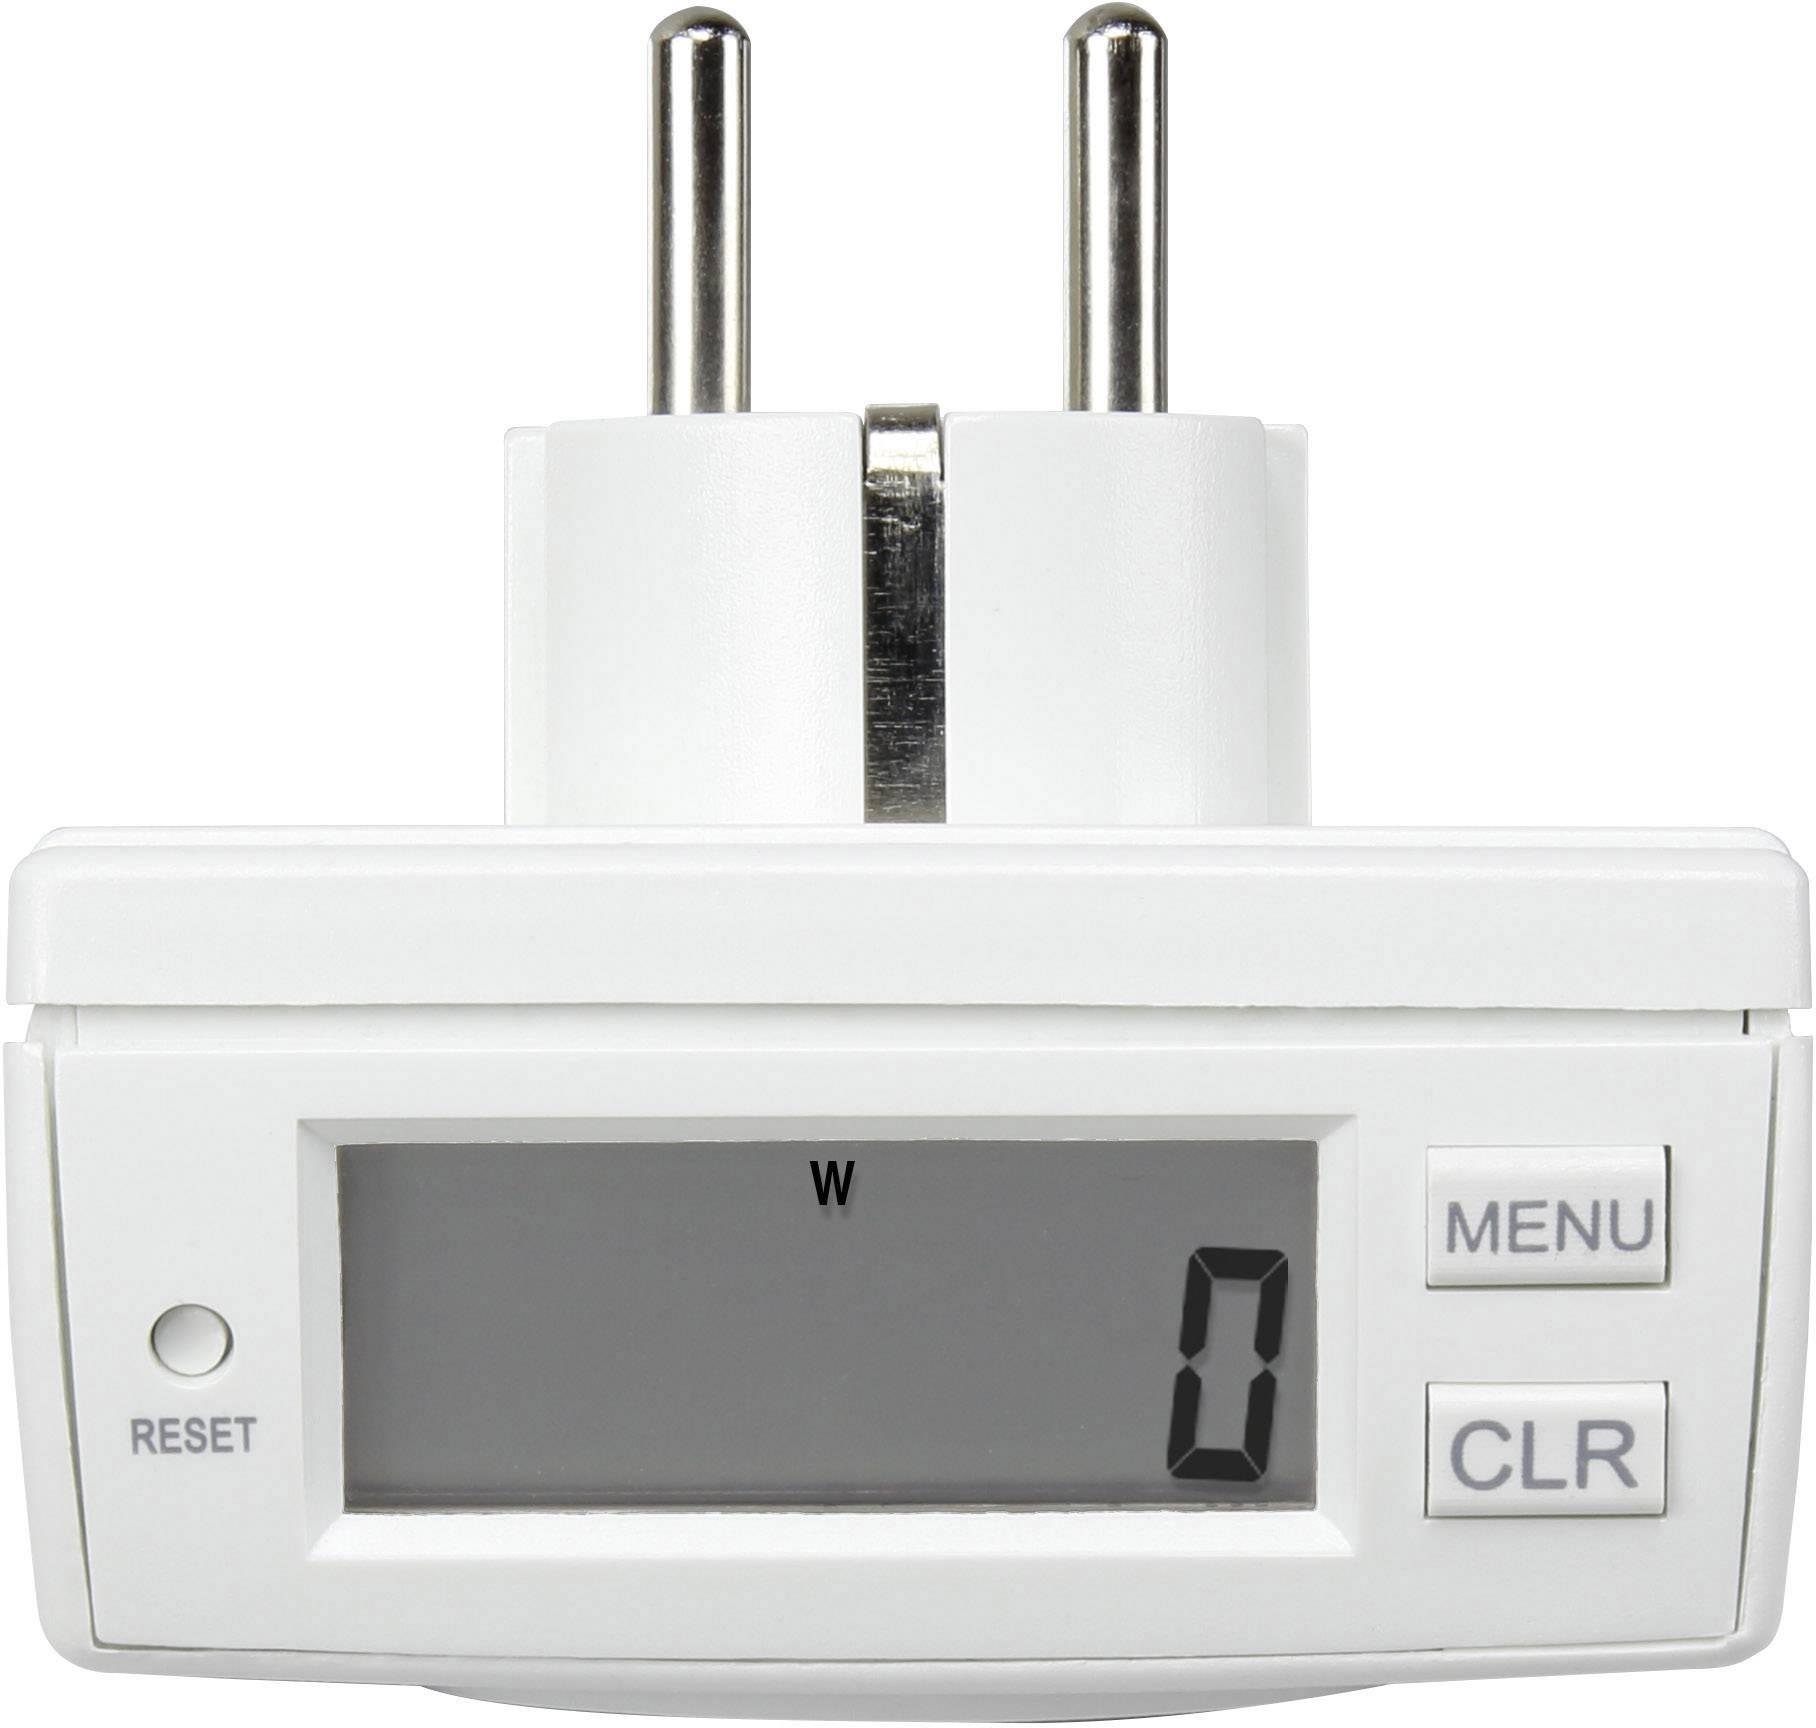 Měřič spotřeby el. energie energie Basetech EM 2000